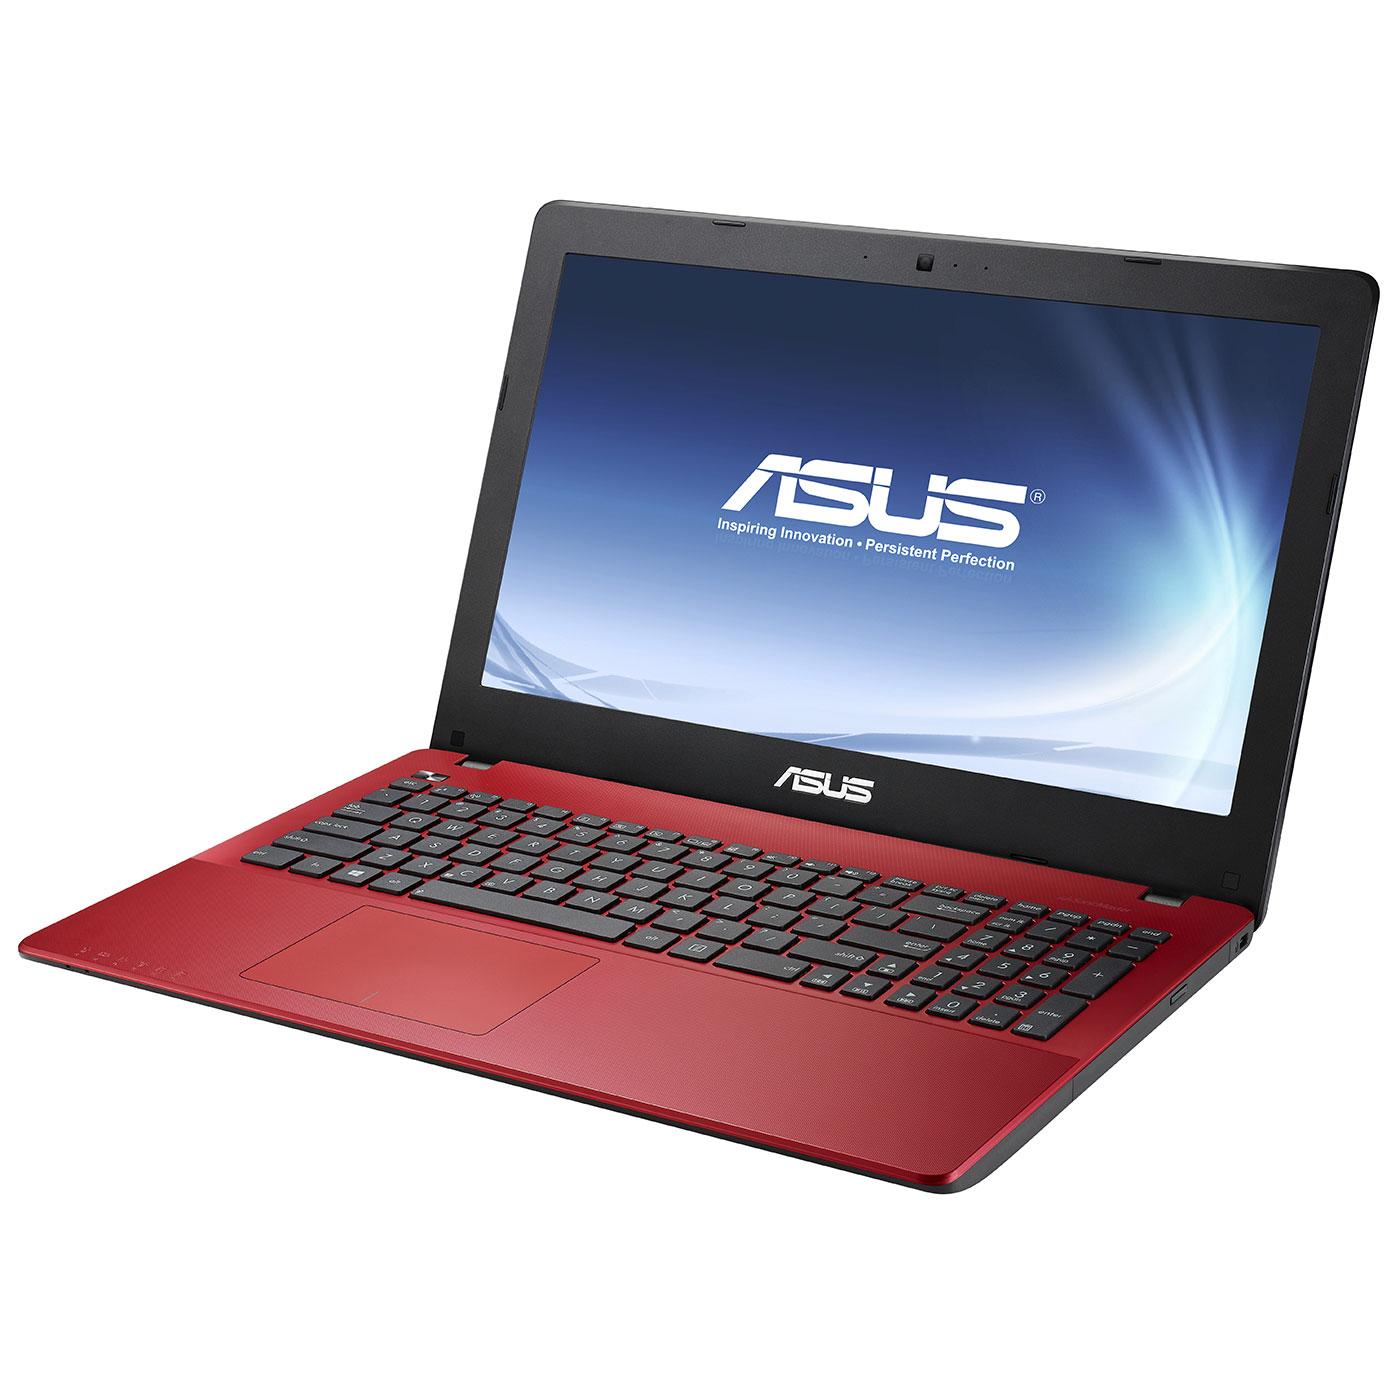 """PC portable ASUS R510LAV-XX962H Rouge Intel Core i5-4210U 4 Go 1 To 15.6"""" LED Graveur DVD Wi-Fi N/Bluetooth Webcam Windows 8.1 64 bits (garantie constructeur 1 an)"""